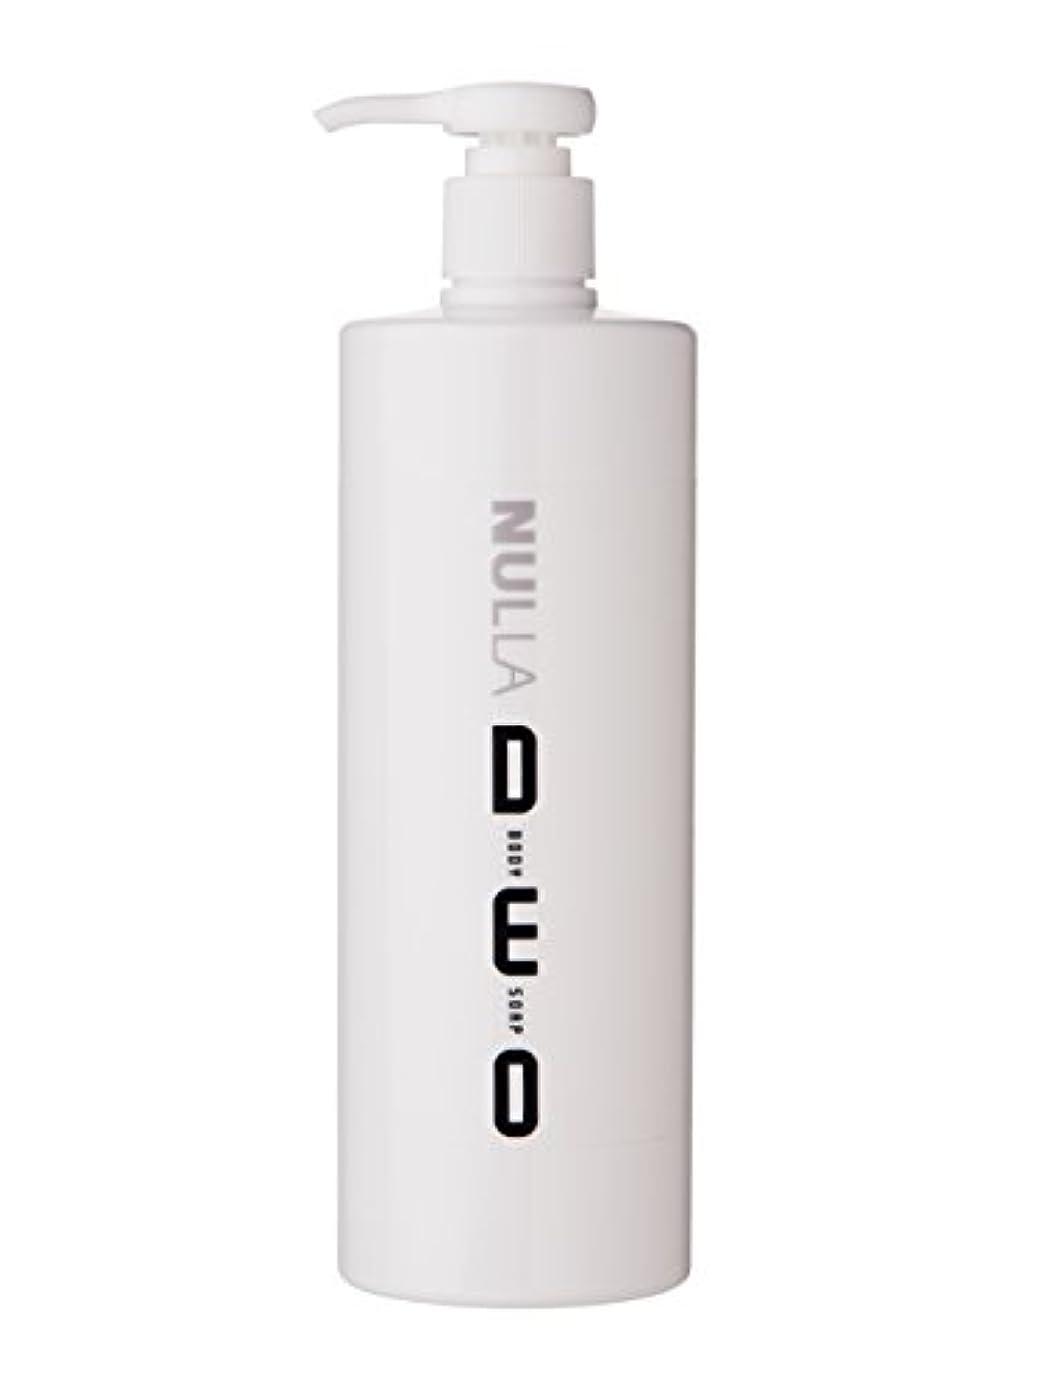 拍手に同意するNULLA(ヌーラ) ヌーラデオ ボディソープ [ニオイ菌を抑制] 500ml 日本製 加齢臭 体臭 対策 シャボンの香り